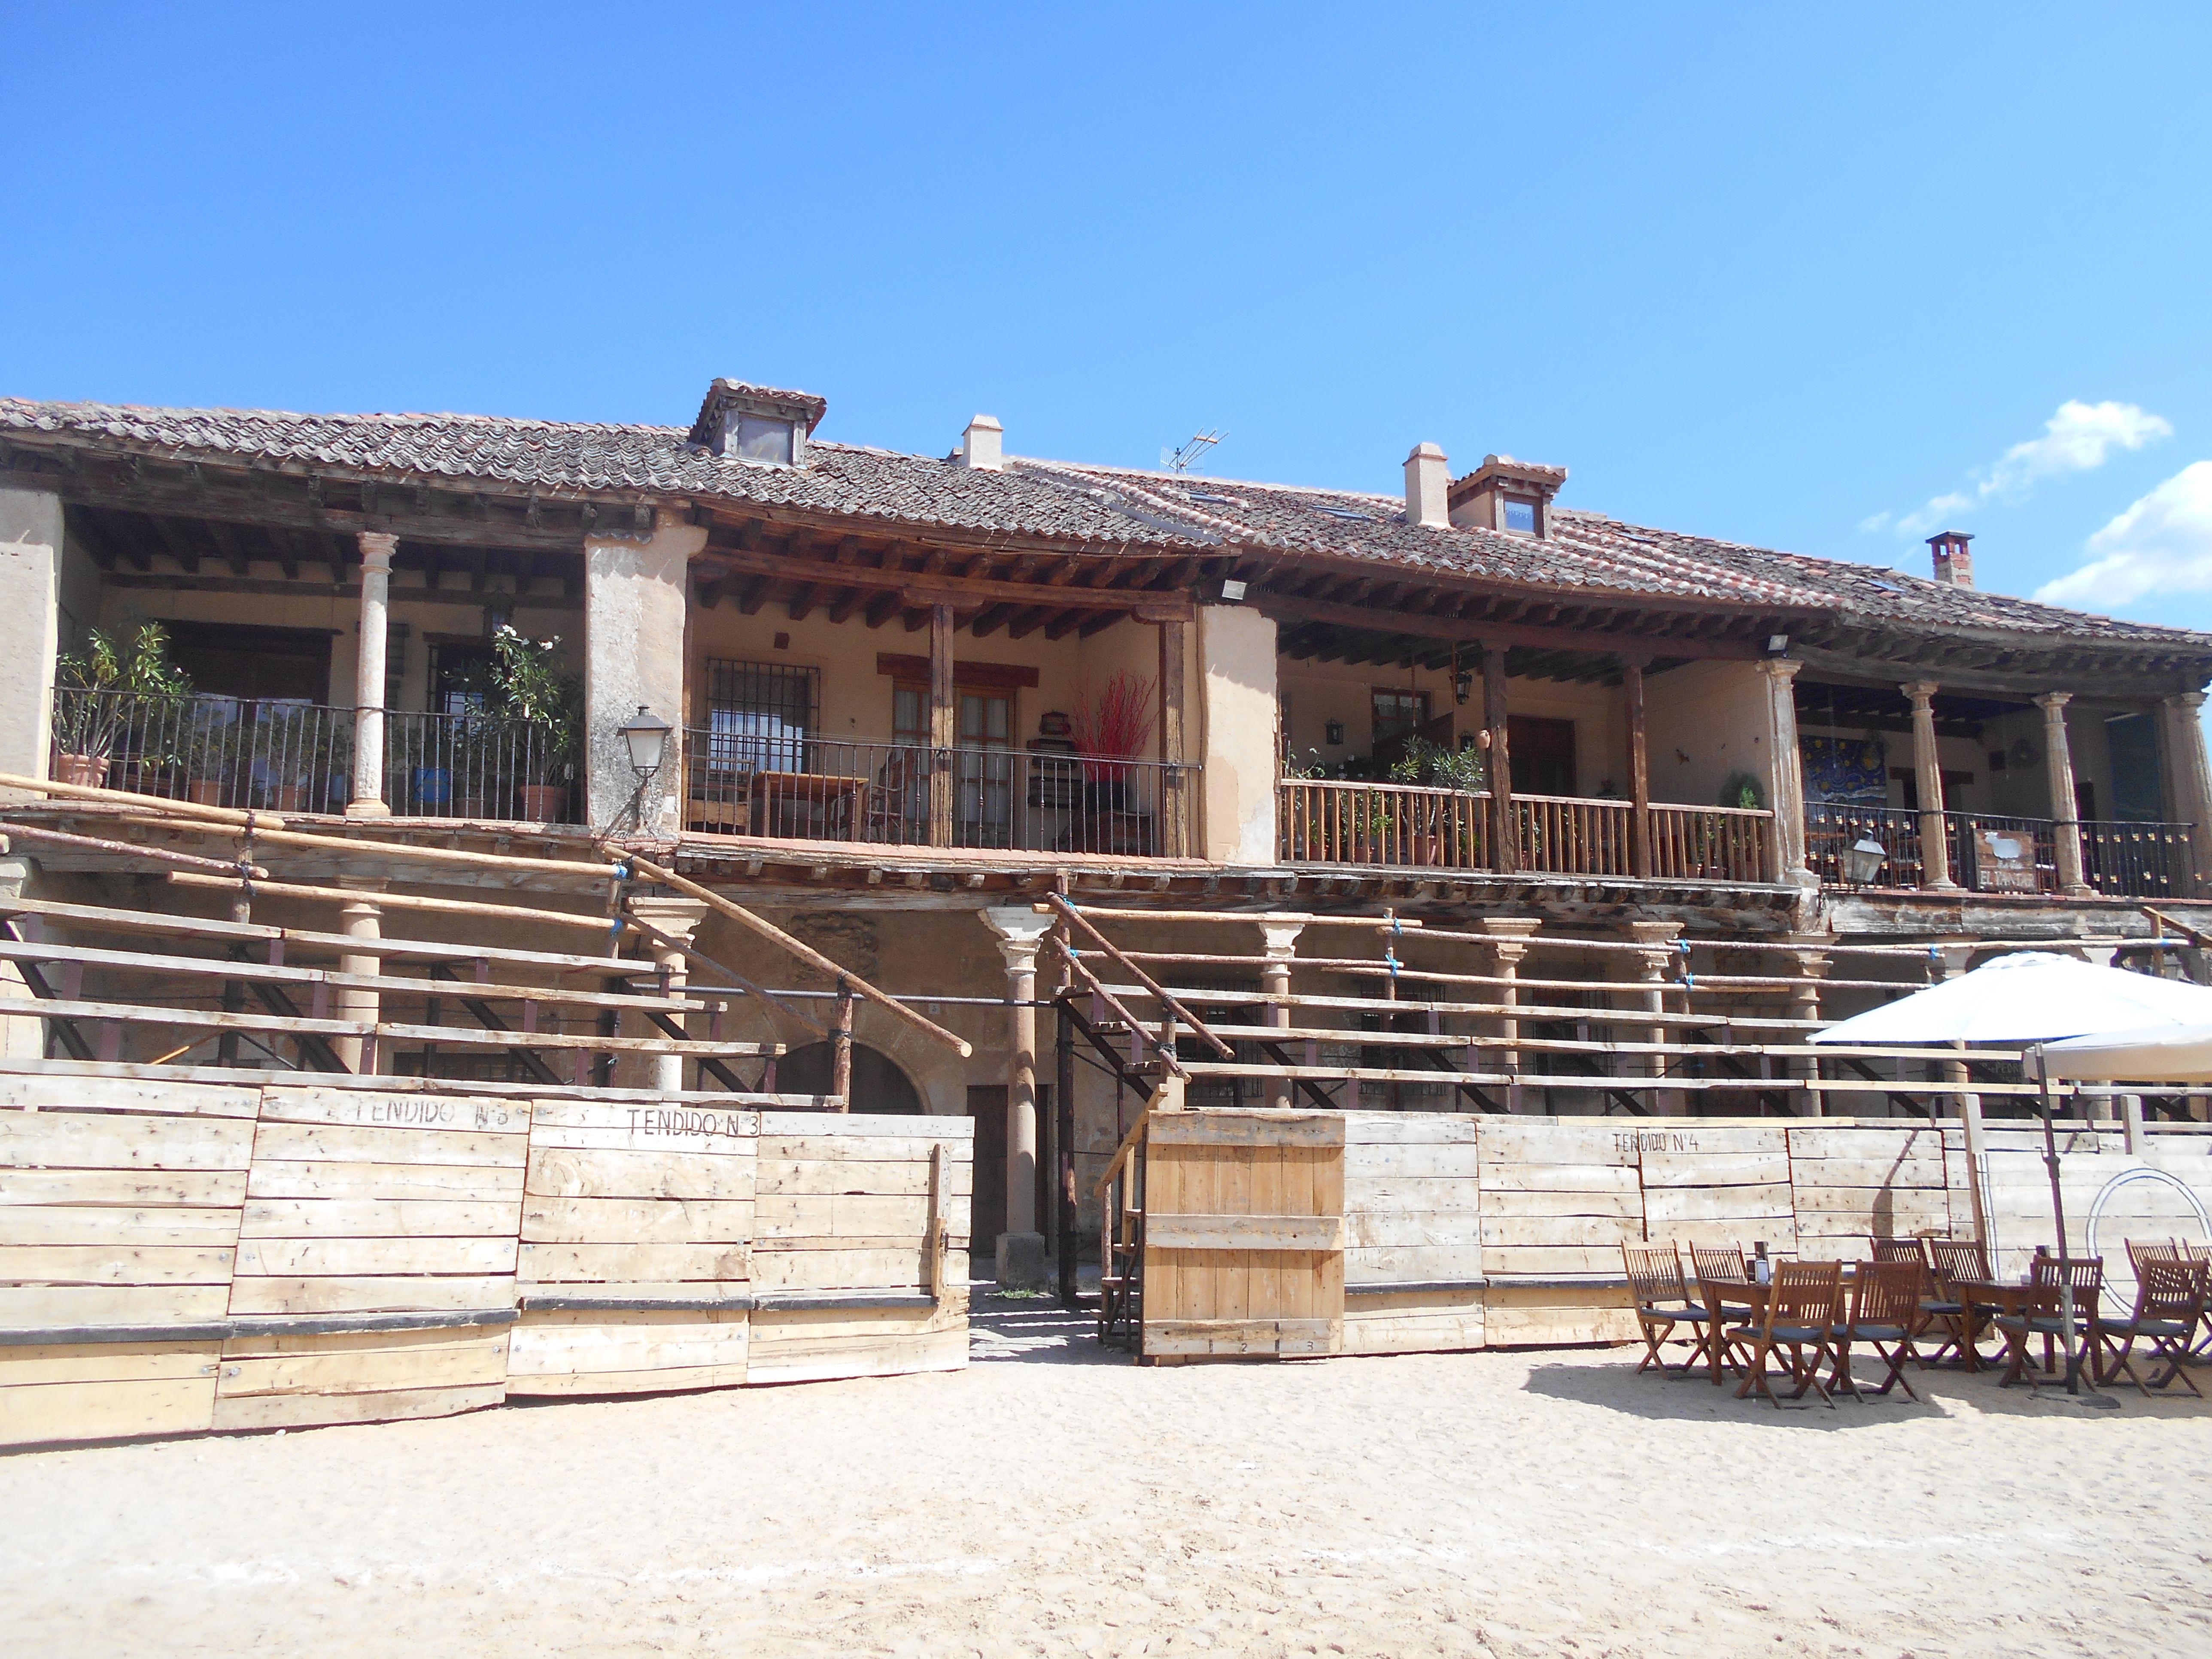 Casas con soportales y balcones de Plaza Mayor.